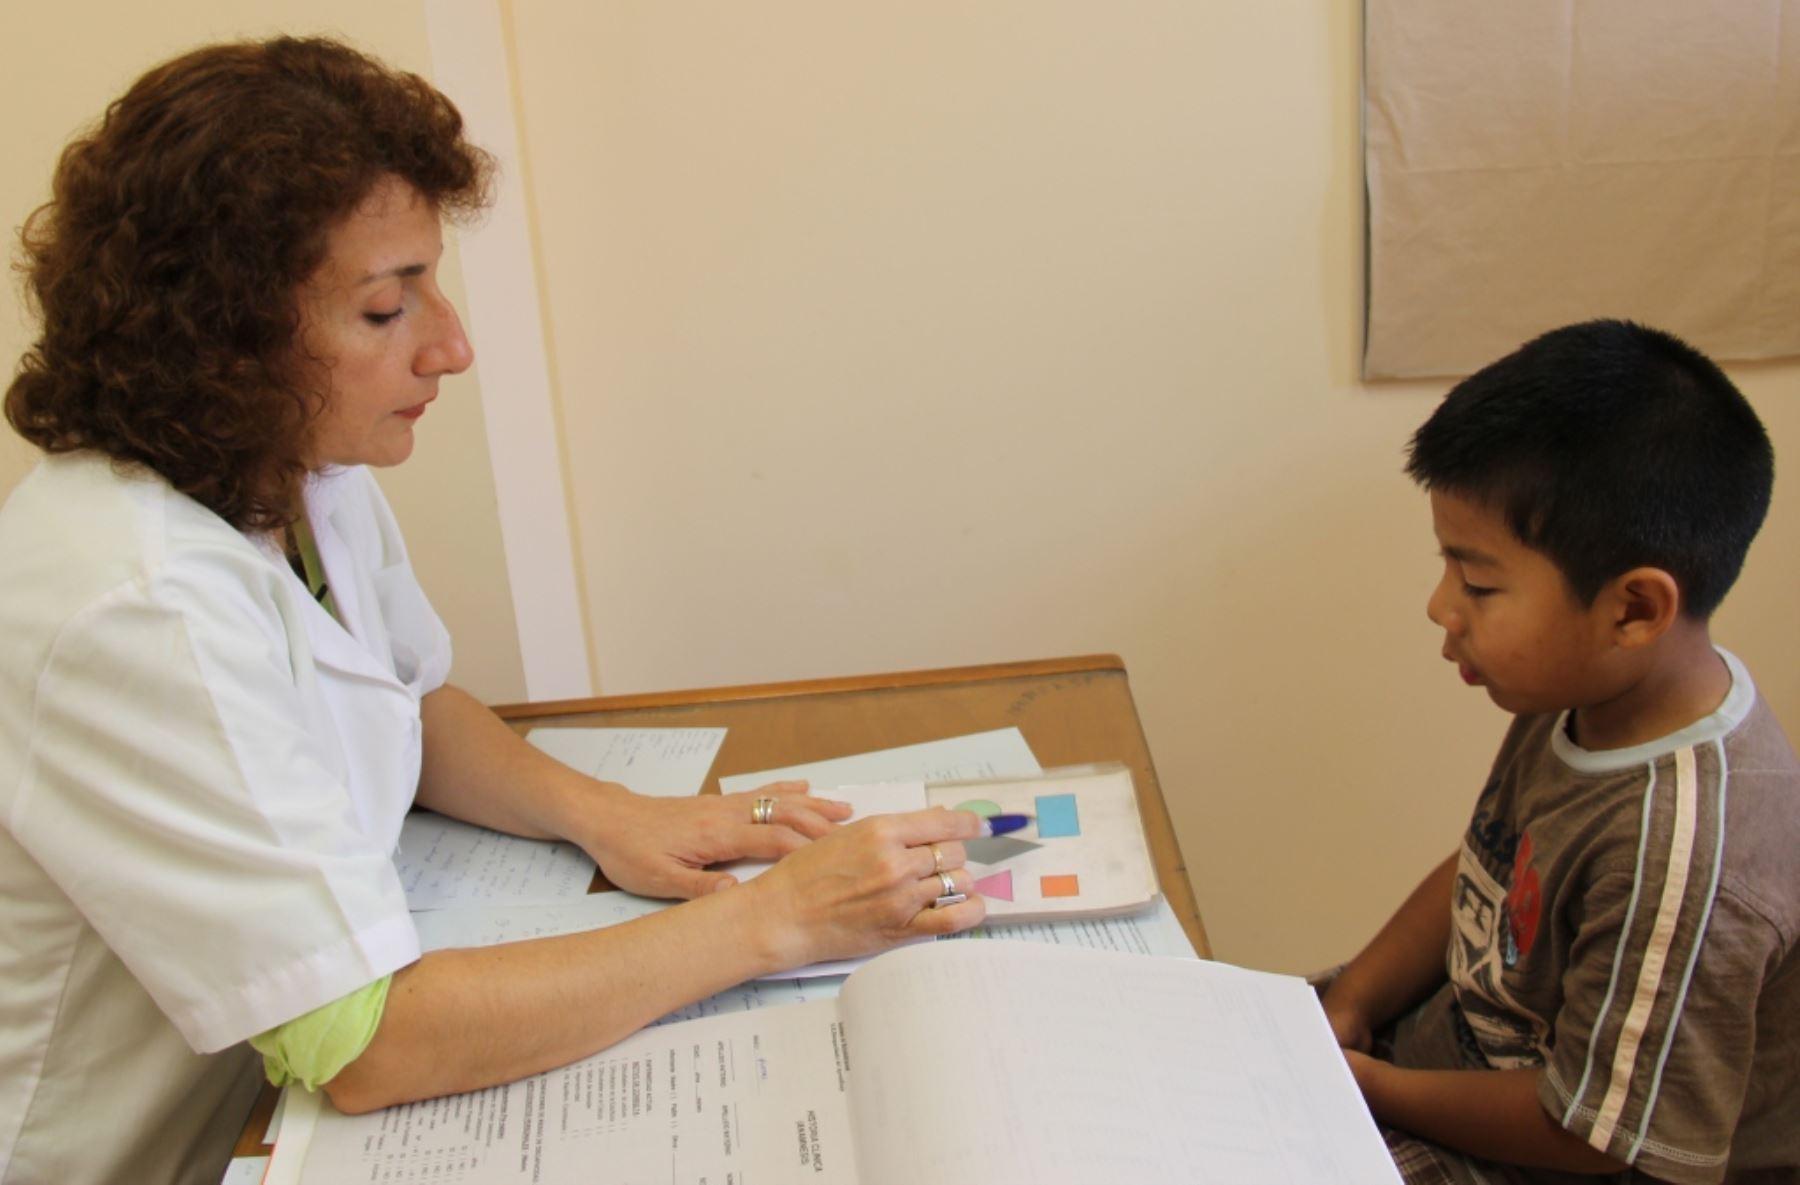 Trastornos de aprendizaje pueden ser tratados si se detectan a tiempo. (Foto referencial)